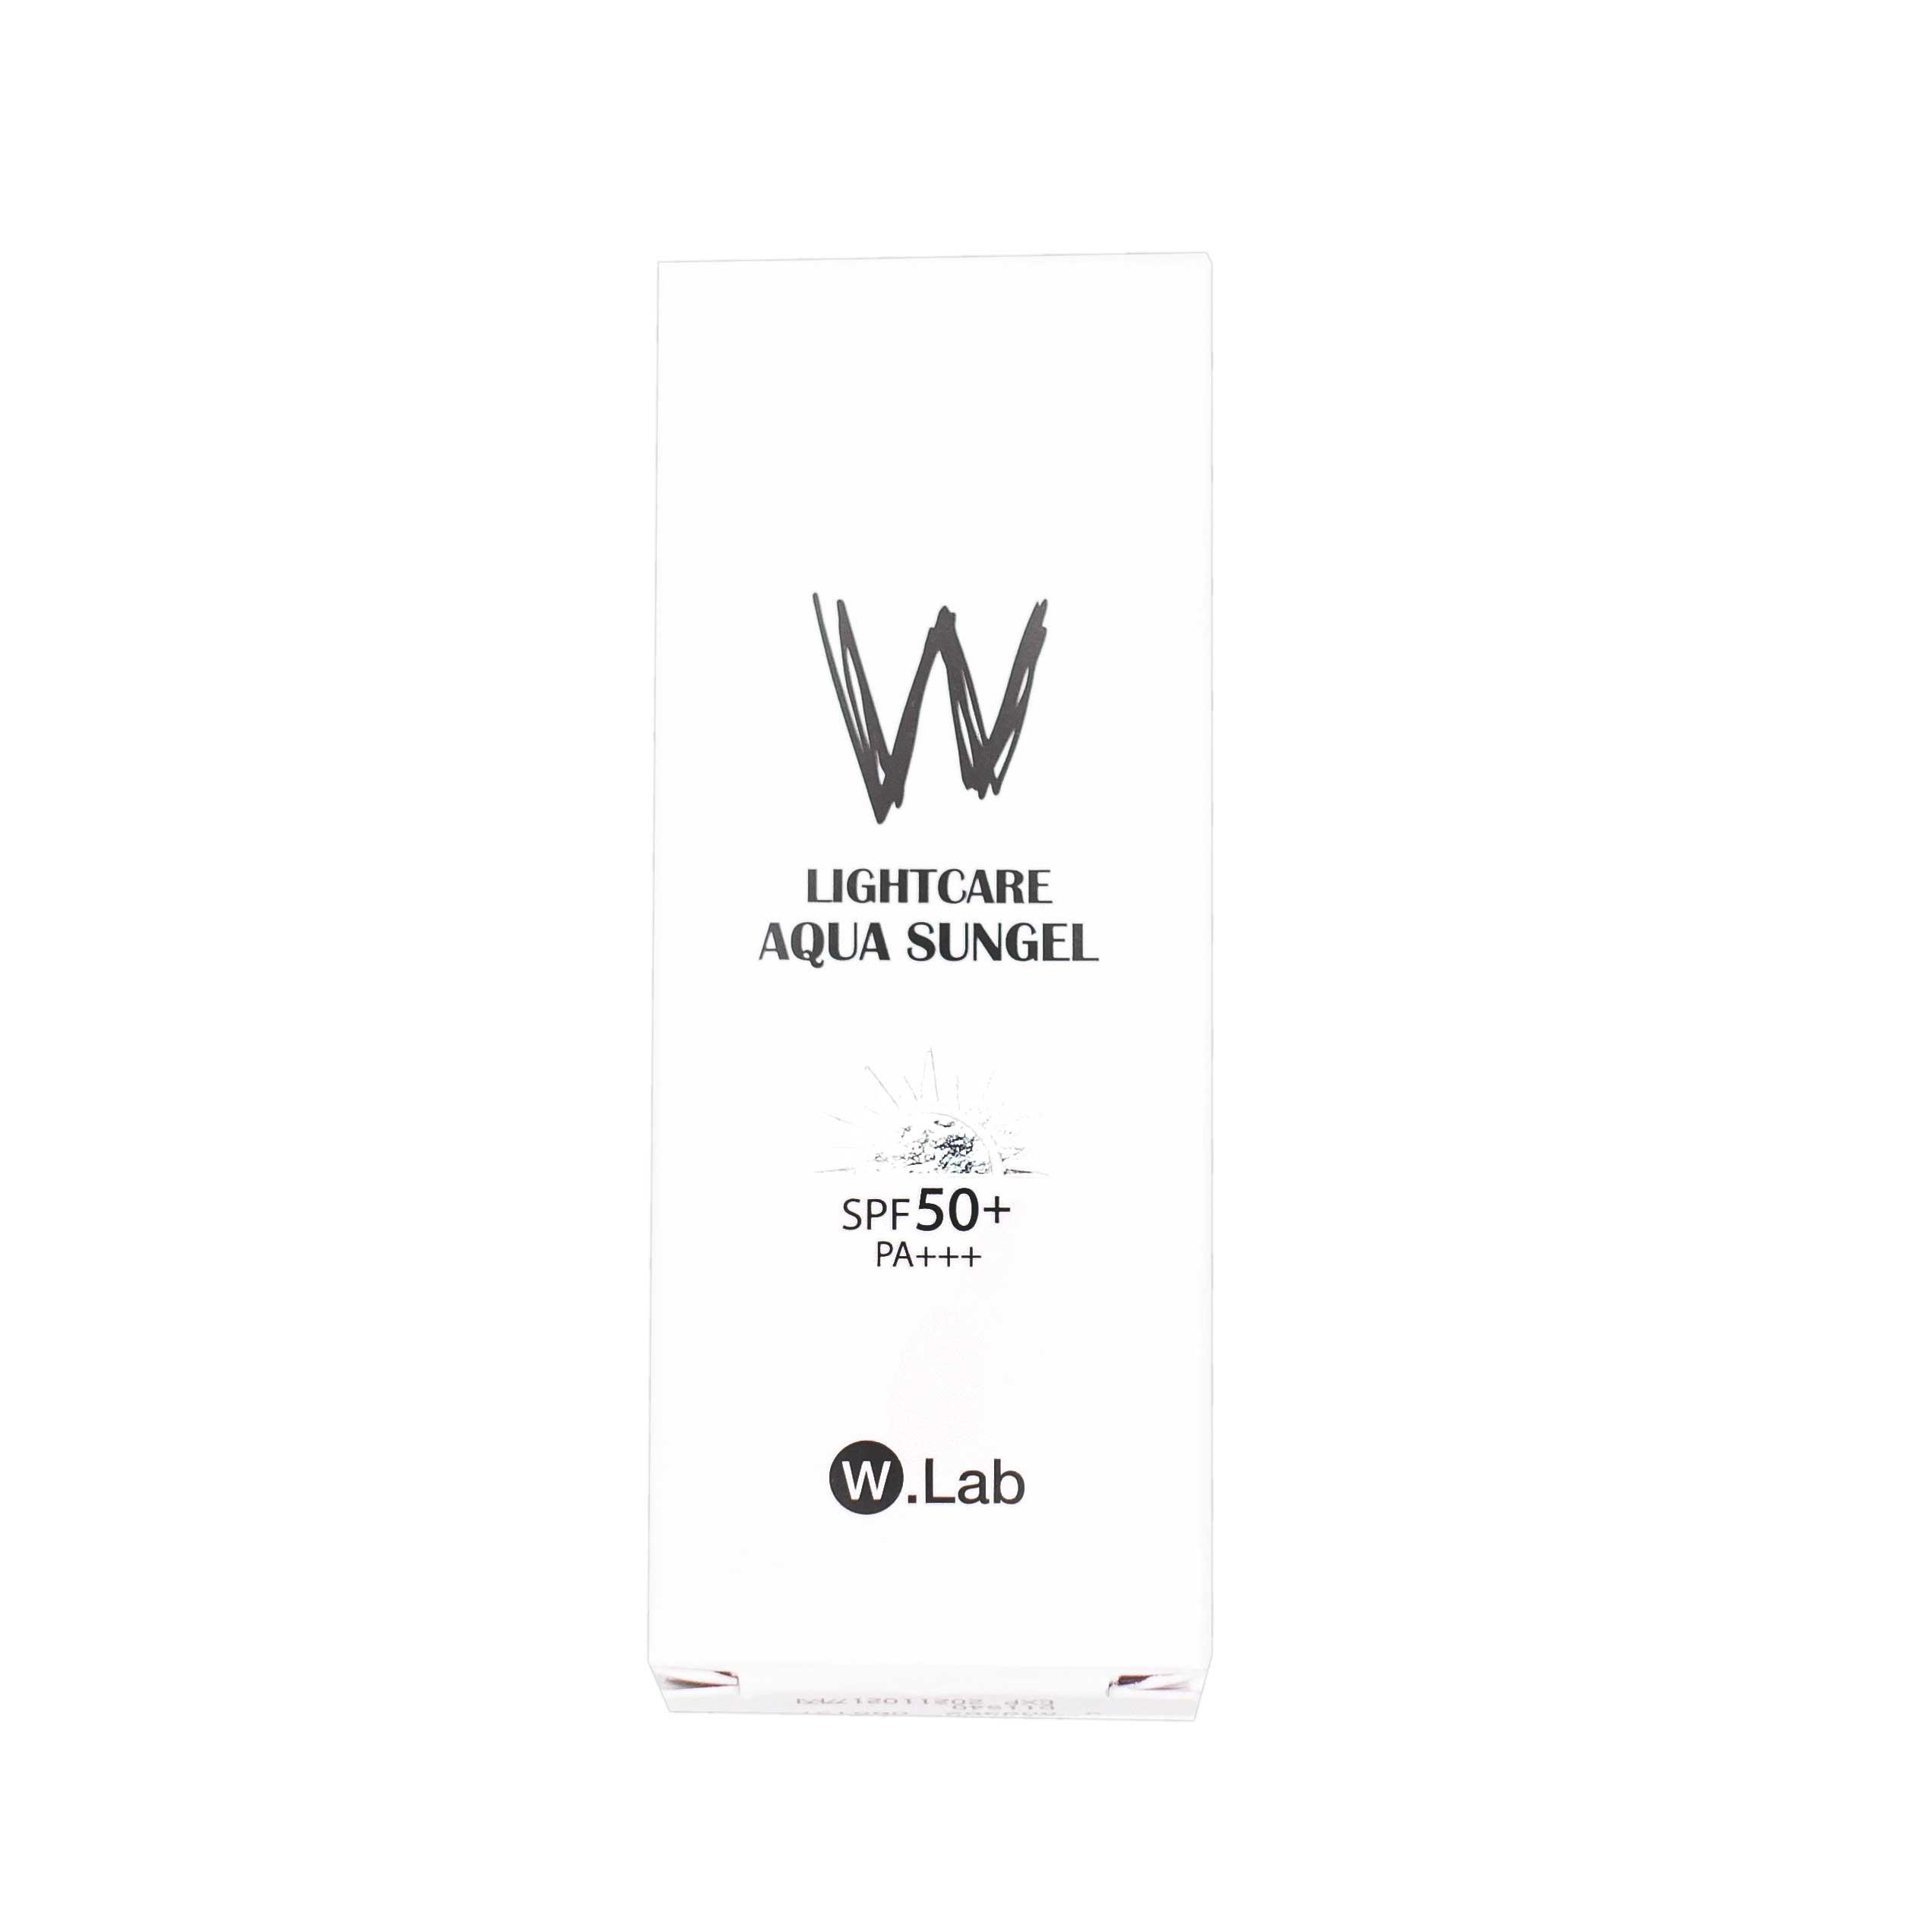 二合一正品学生男女 50 女面部放紫外线 W.Lab 防晒隔离霜 wlab 韩国